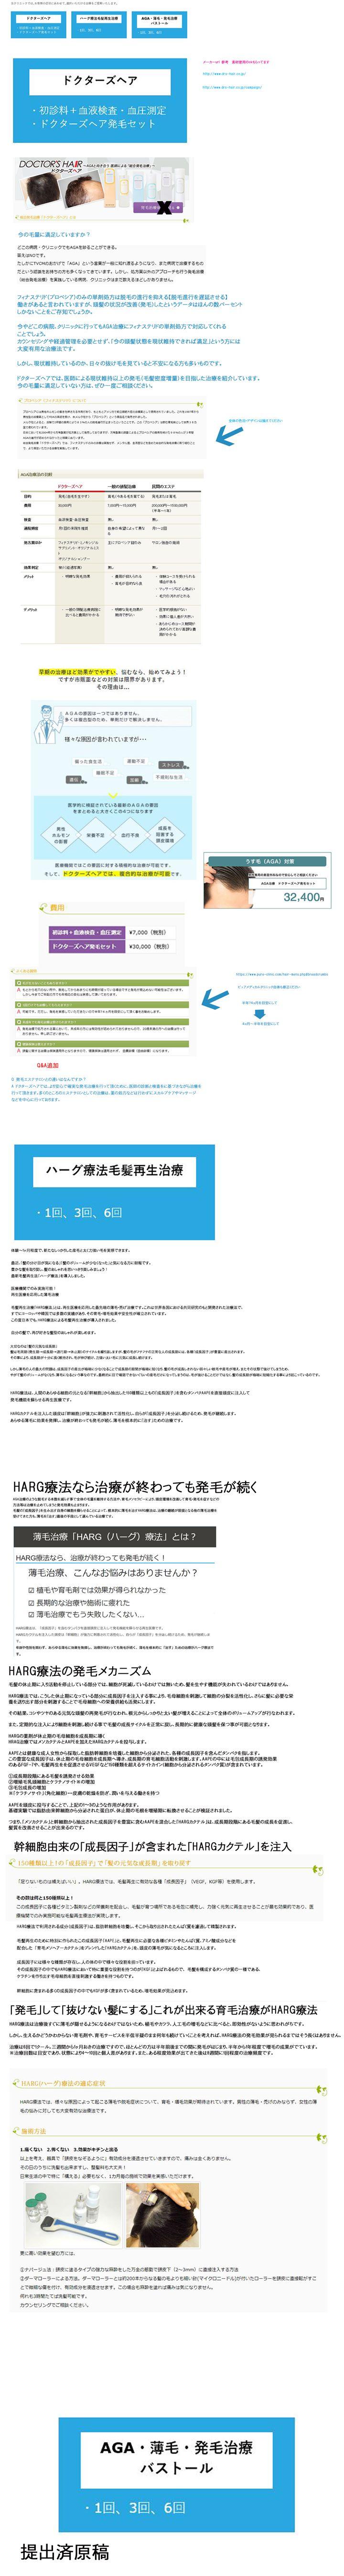 薄毛治療ページ2-720.jpg